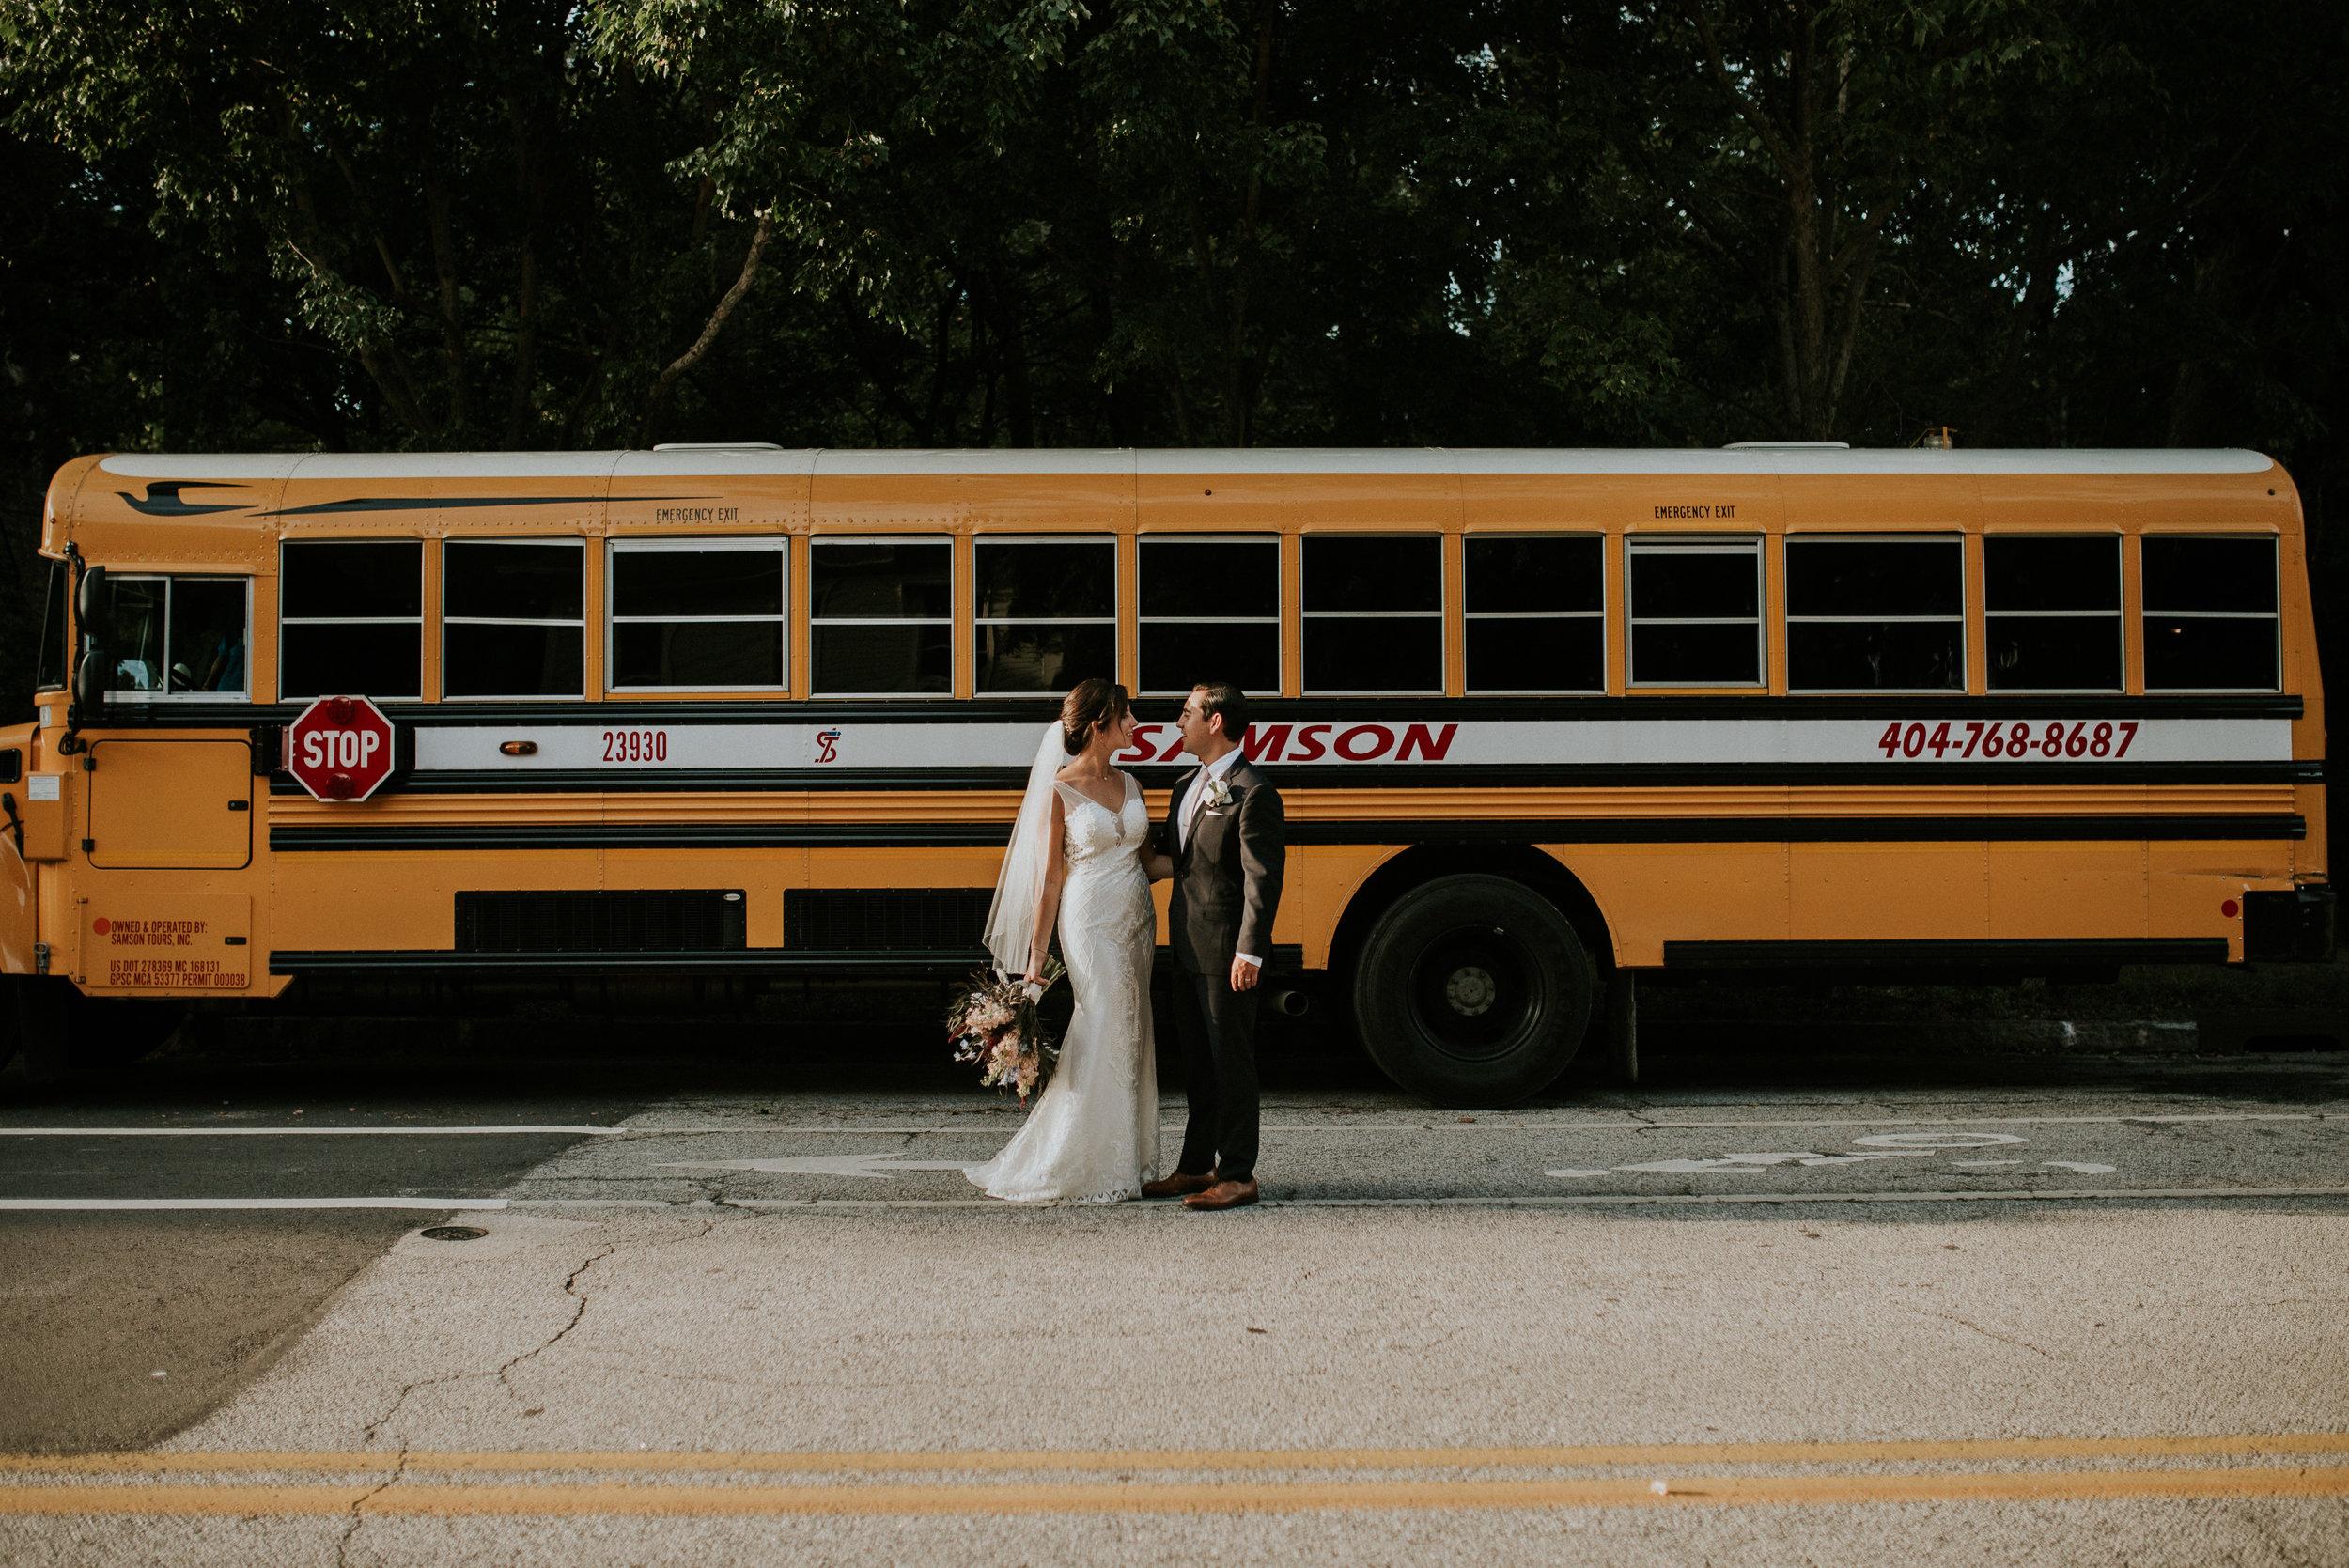 Newlyweds stand near a school bus at The Trolley Barn in Atlanta, GA